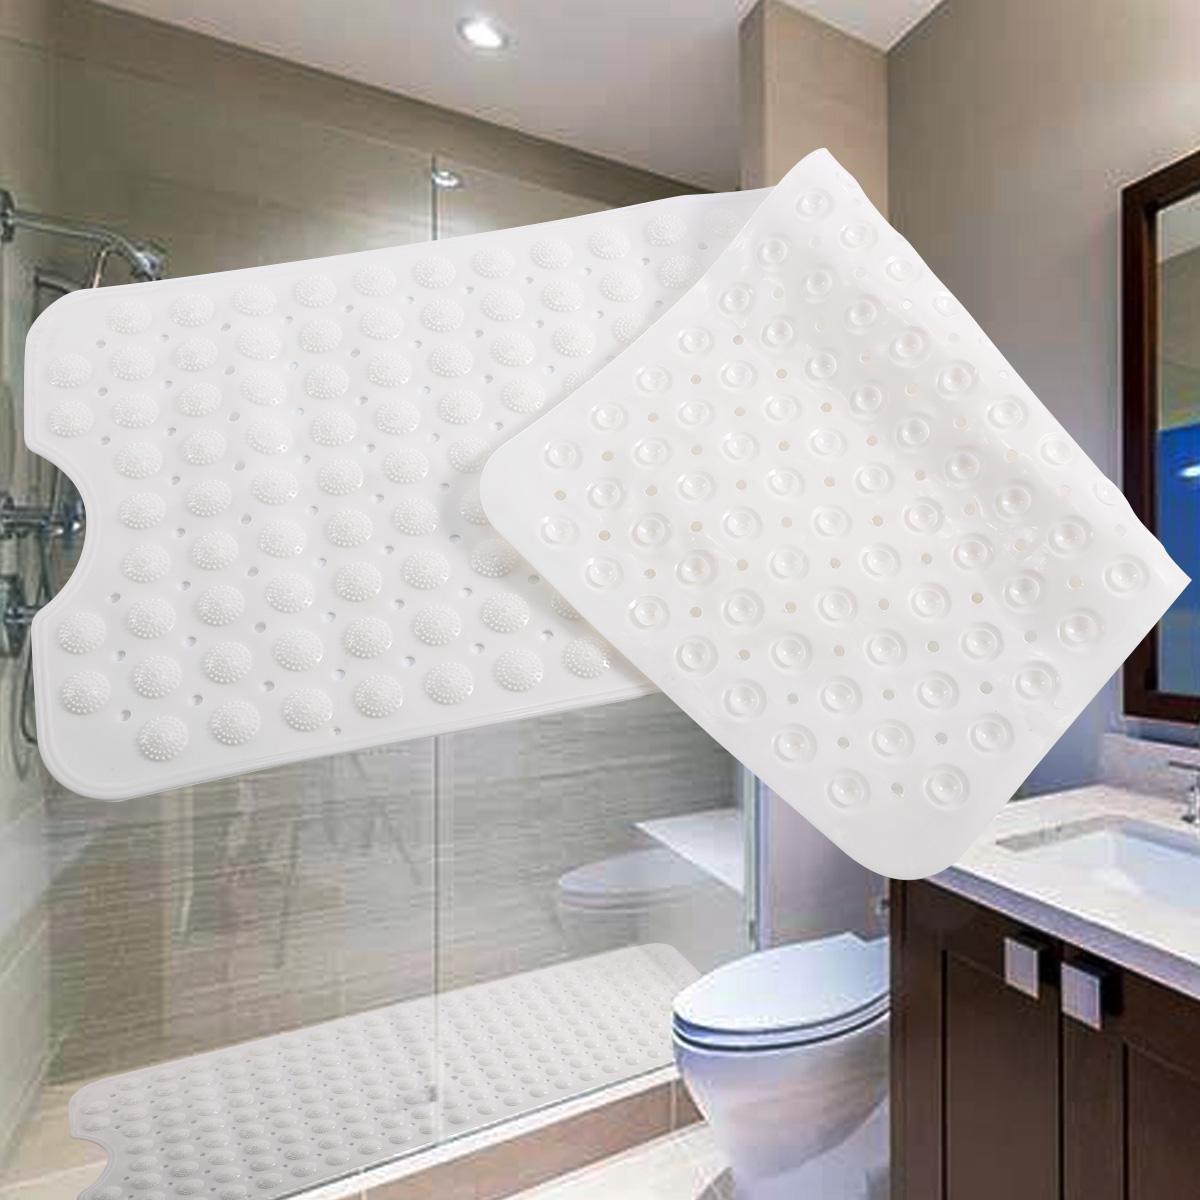 Grand tapis salle de bain douche tpr anti glissant for Grand tapis salle de bain